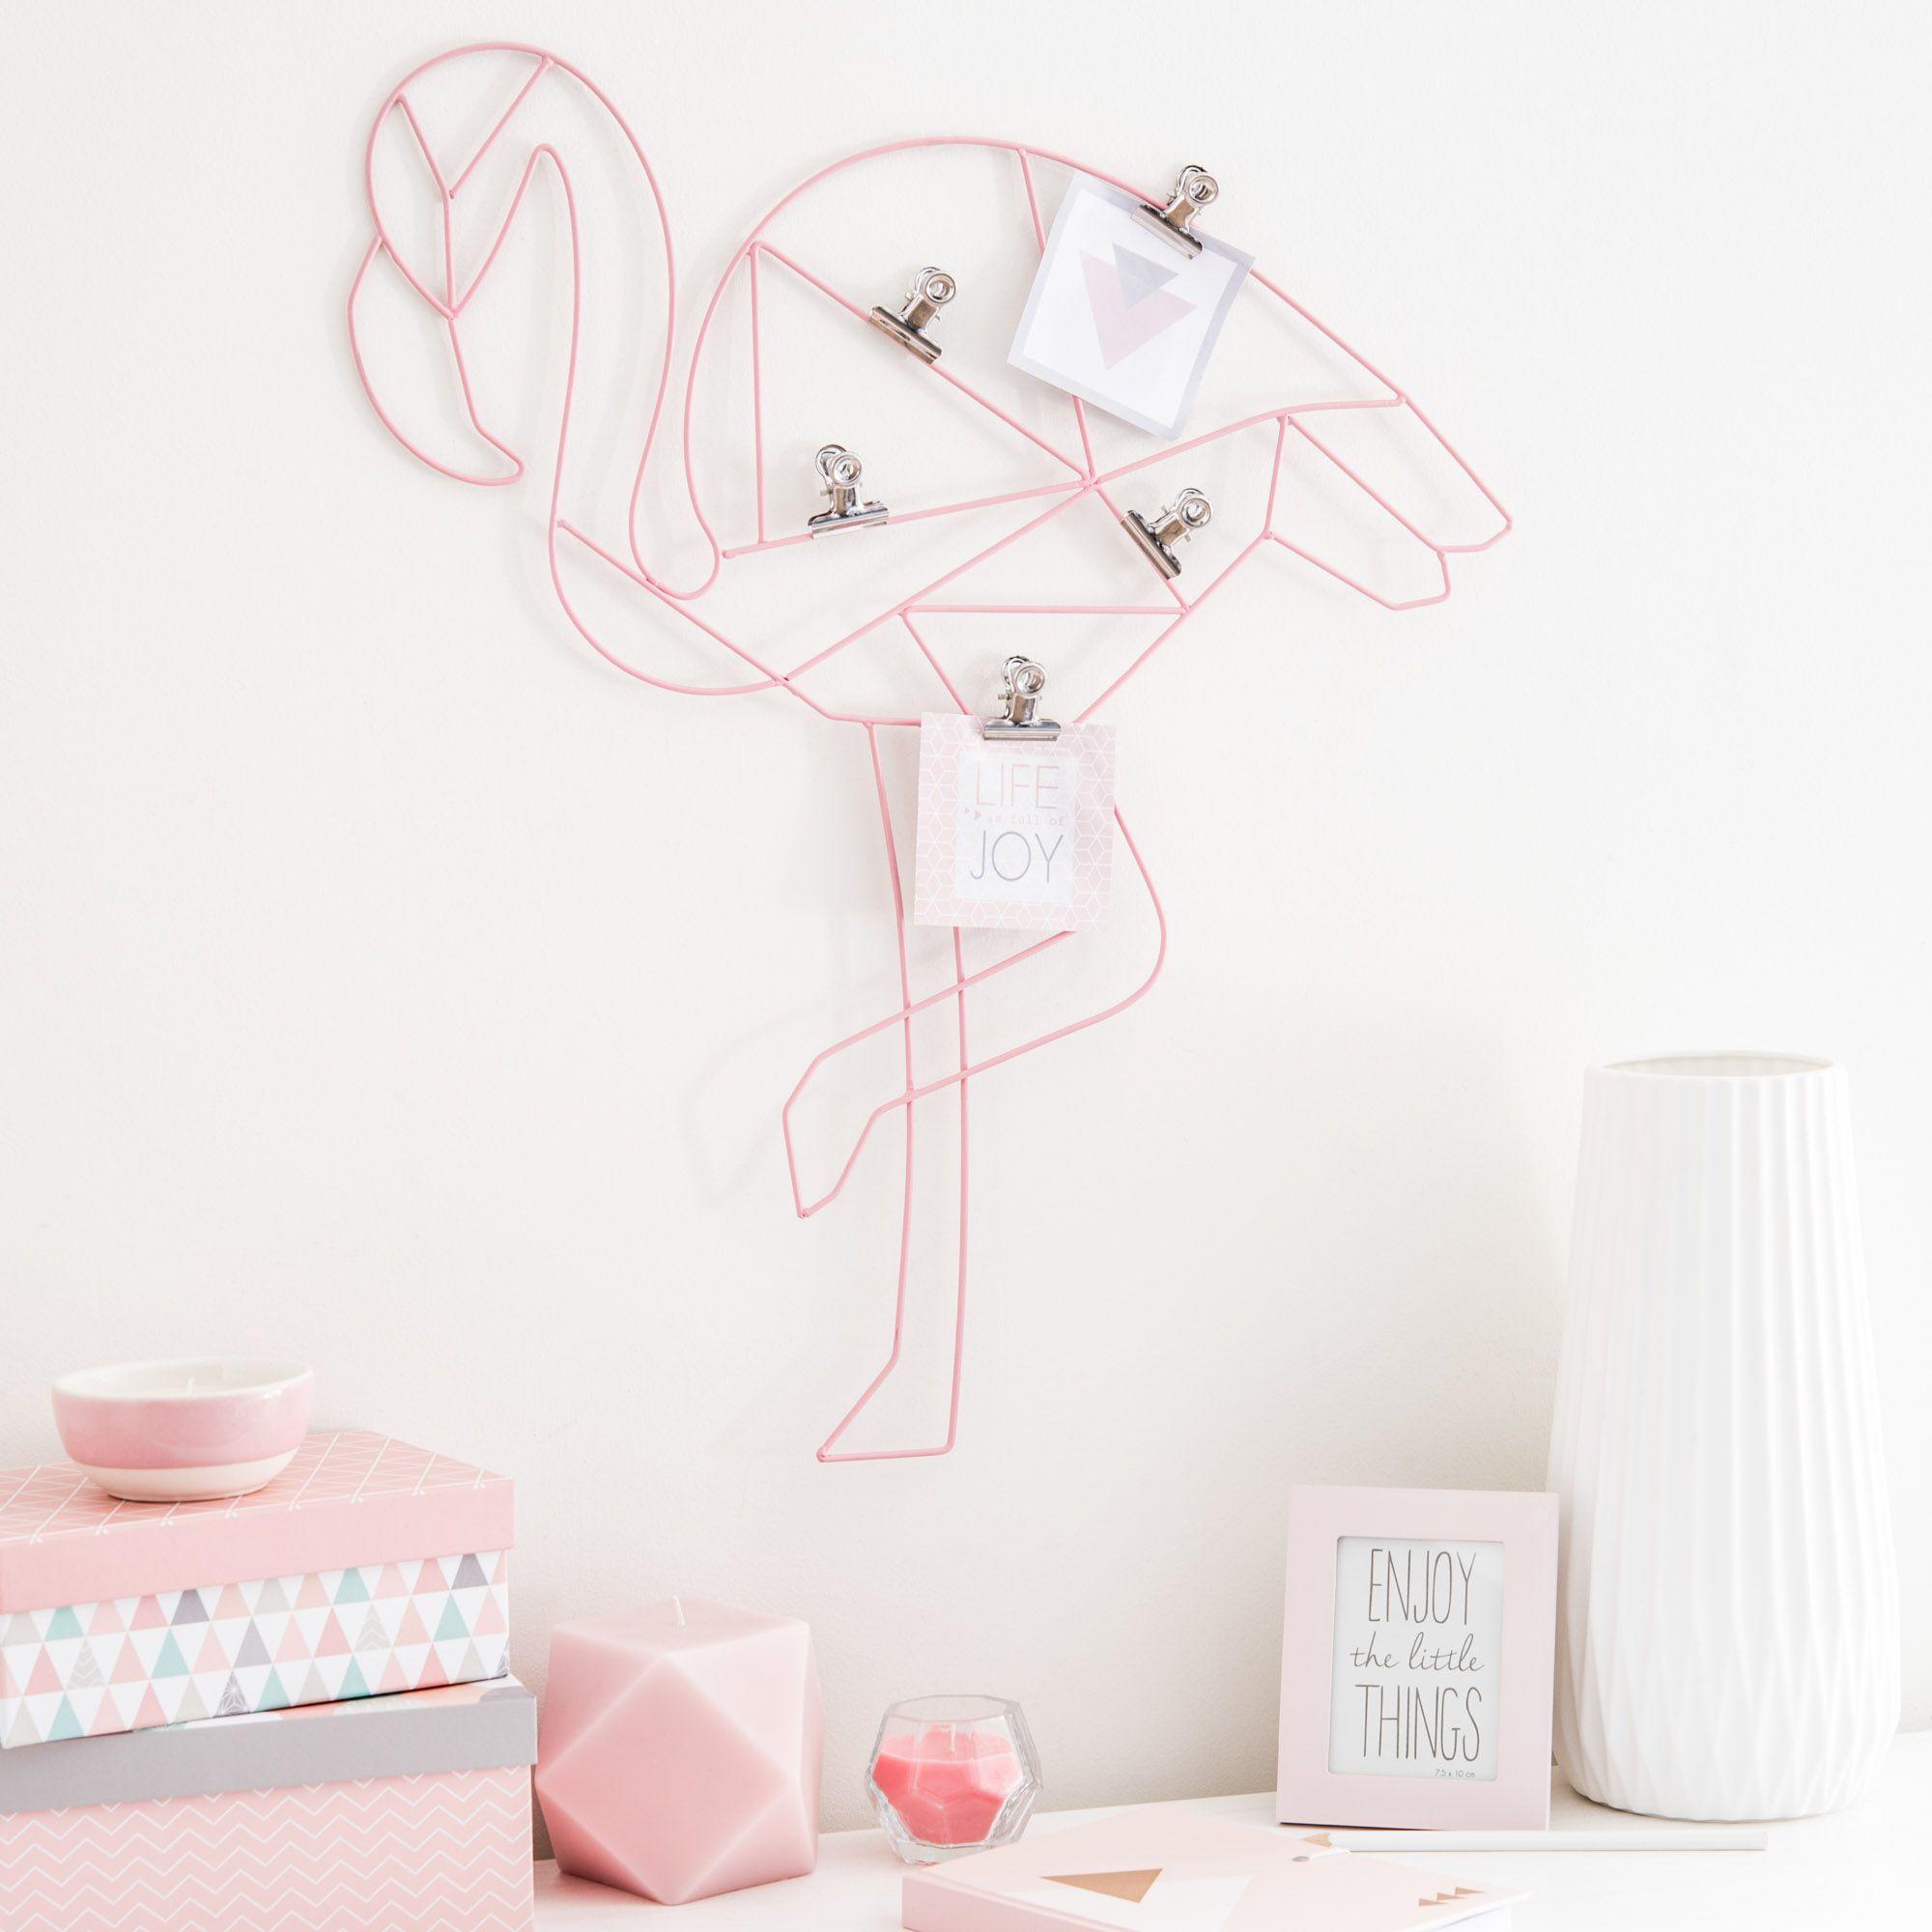 Pince Photos En Metal Rose 47 X 53 Cm Flamingo Maisons Du Monde Deco Idee Deco Chambre Deco Flamant Rose